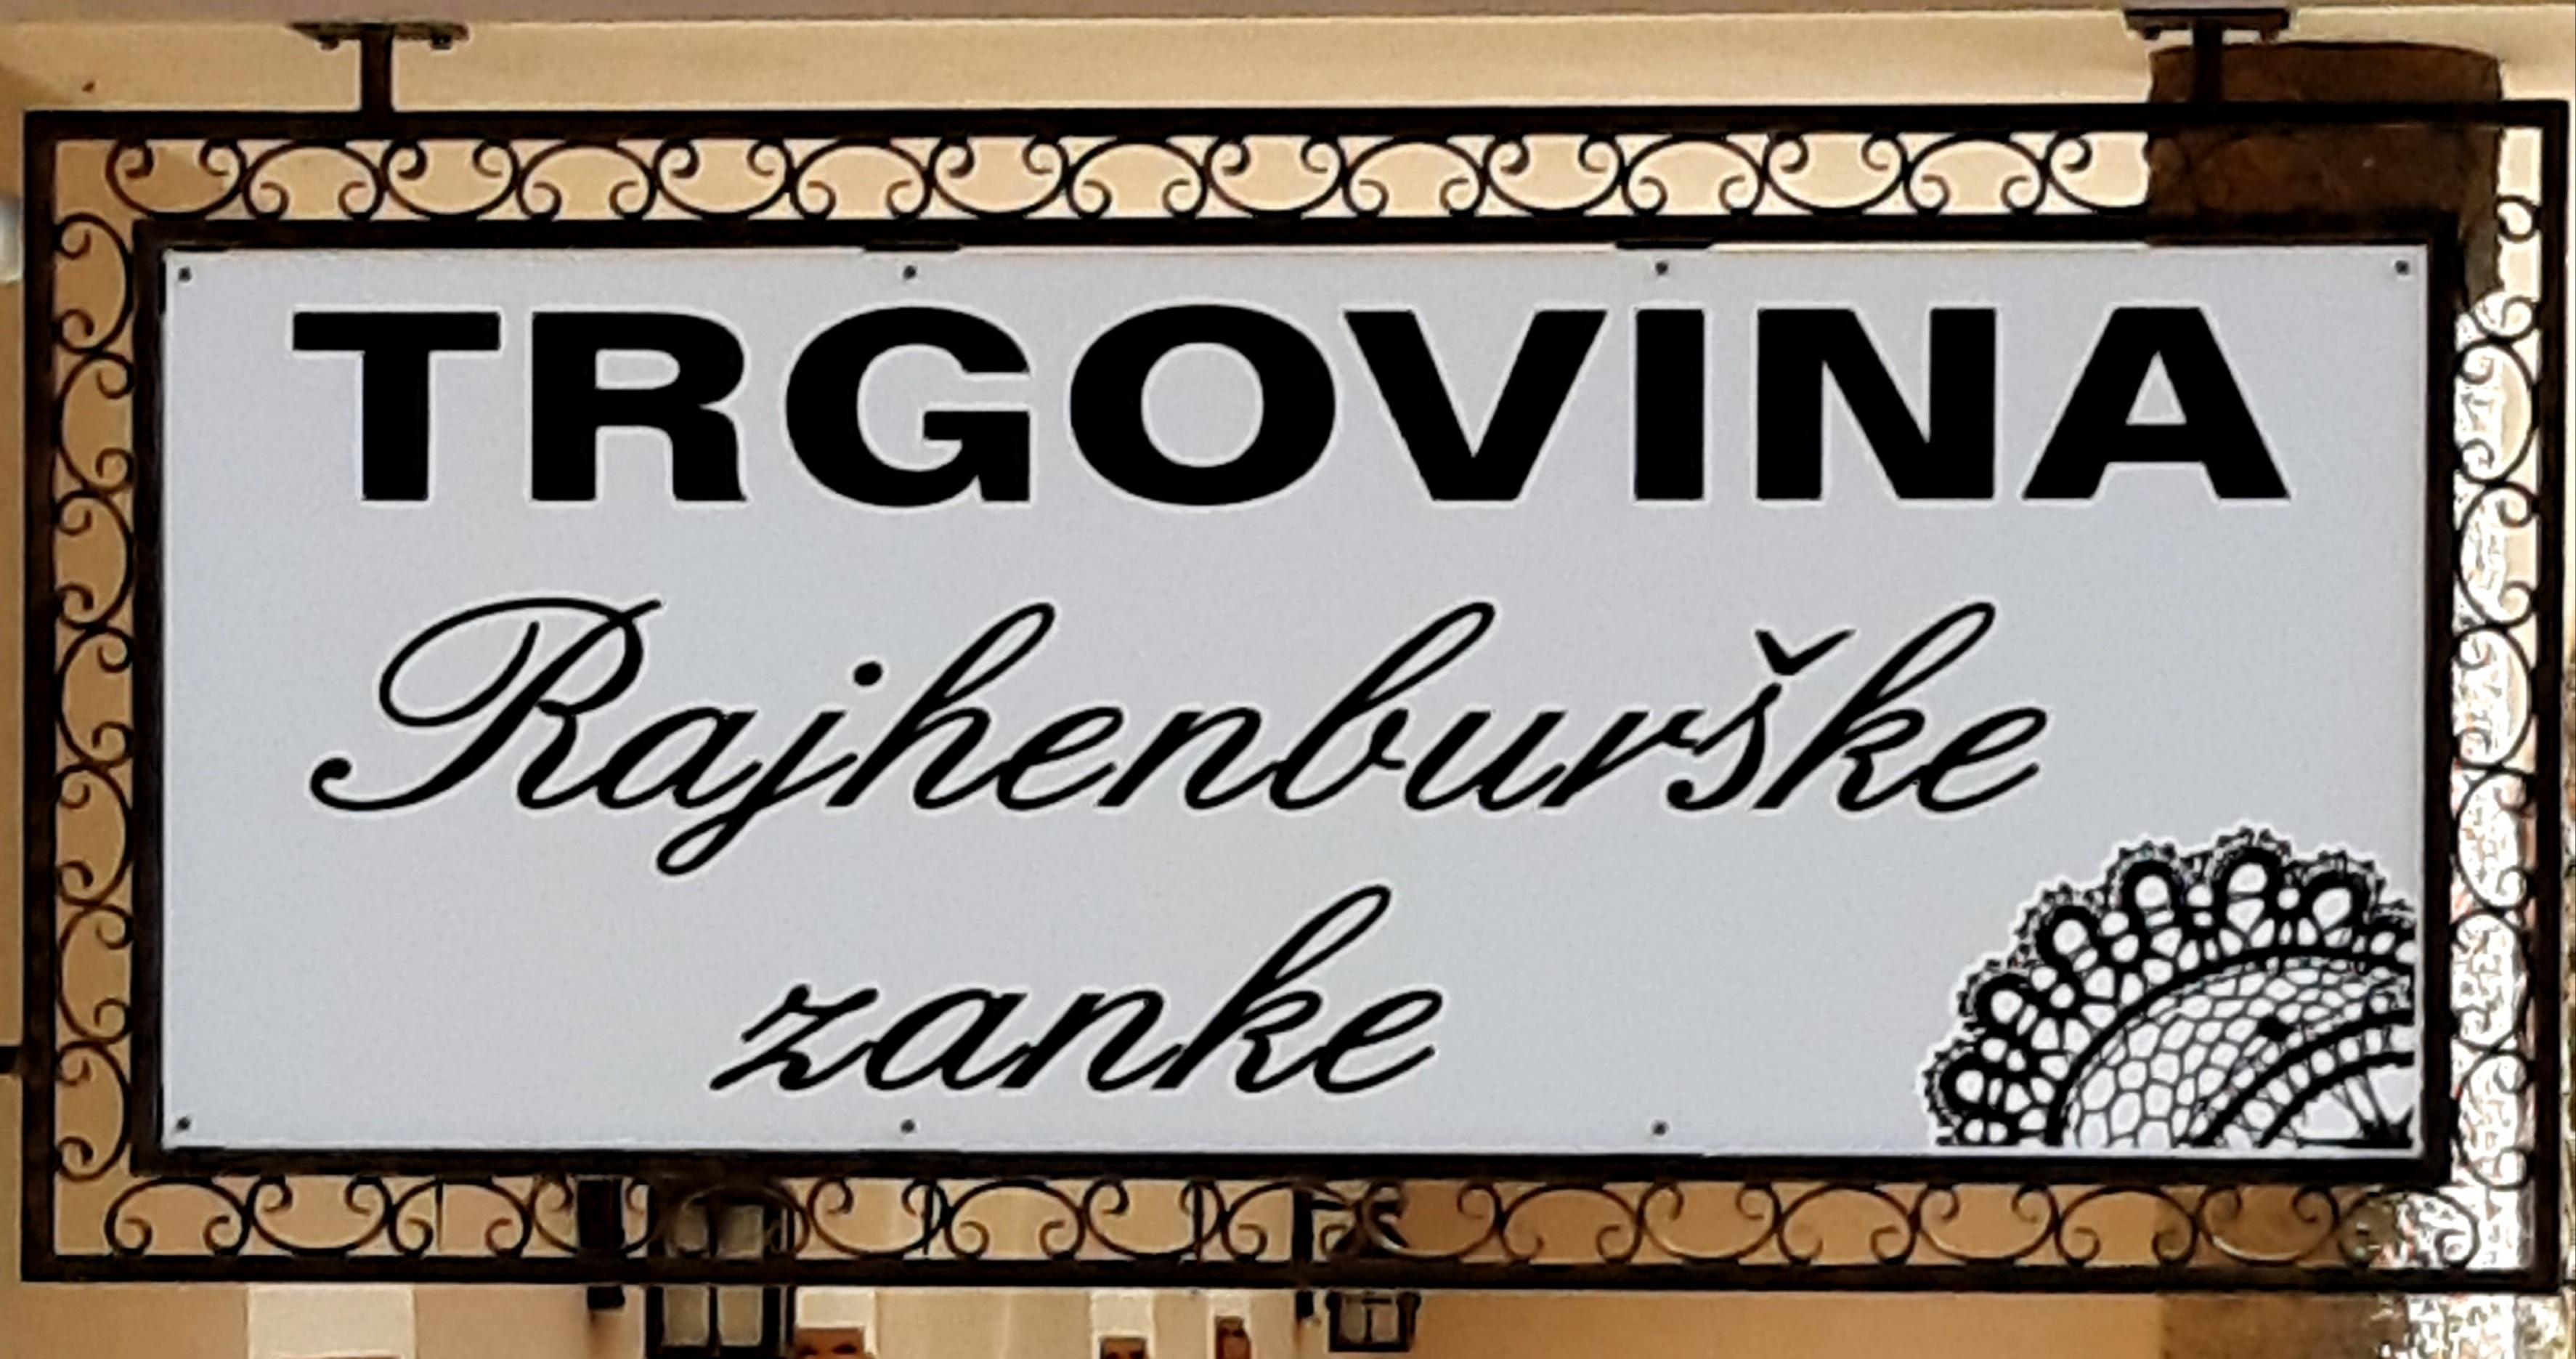 Rajhenburške zanke